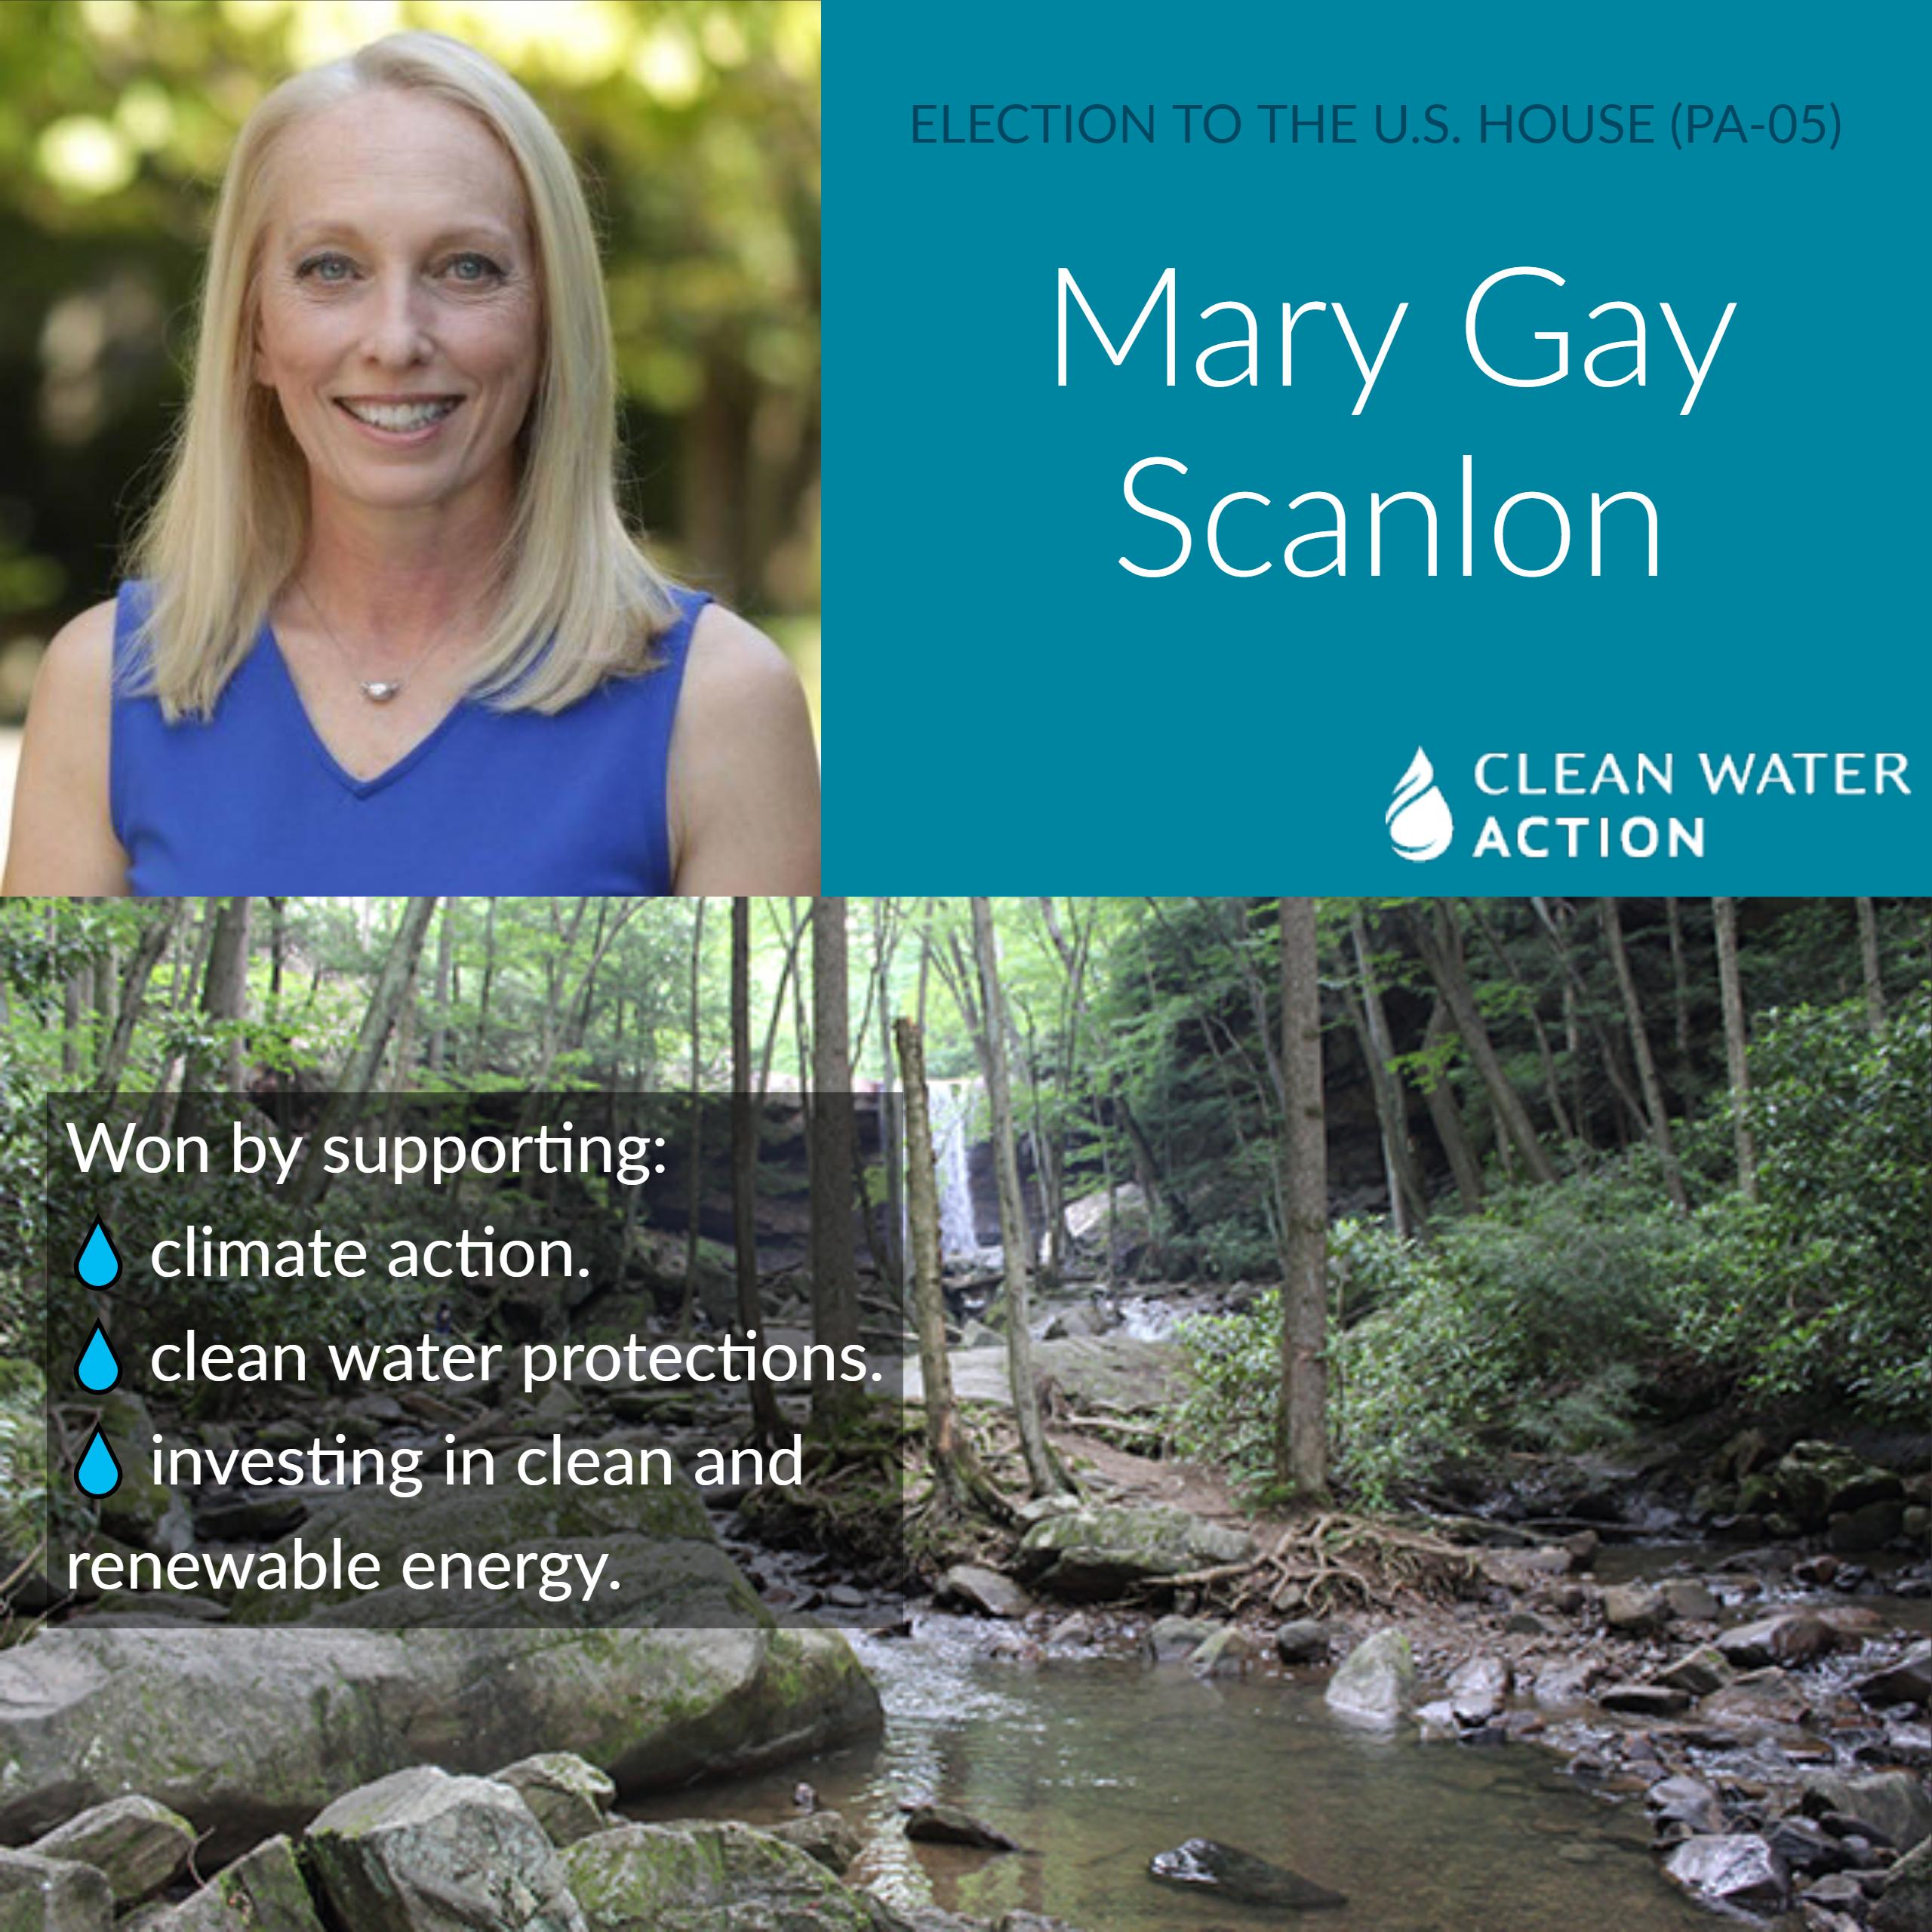 Mary Gay Scanlon